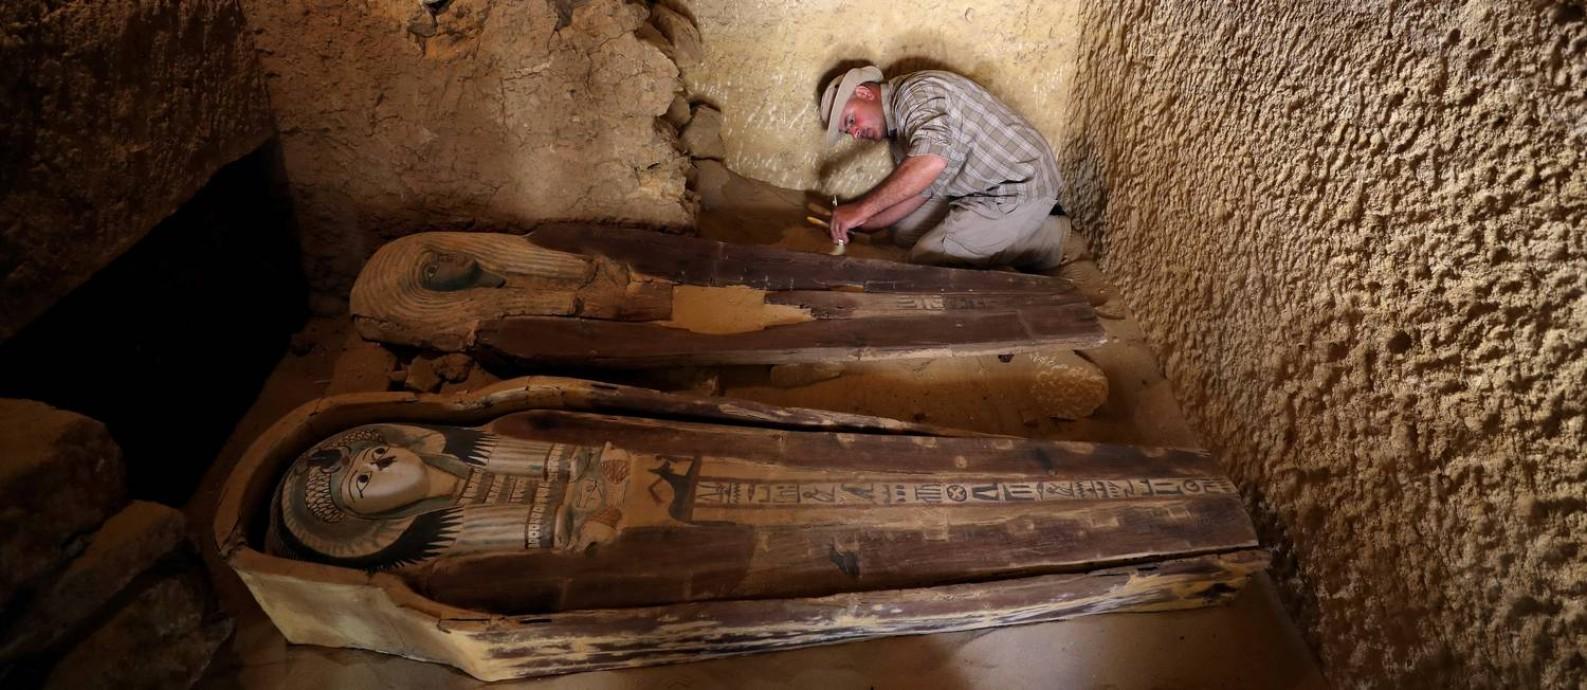 Sarcófagos são analisados em tumba recém-descoberta perto de Pirâmides em Gizé, no Egito Foto: Mohamed Abd El Ghany 4-5-2019 / Reuters